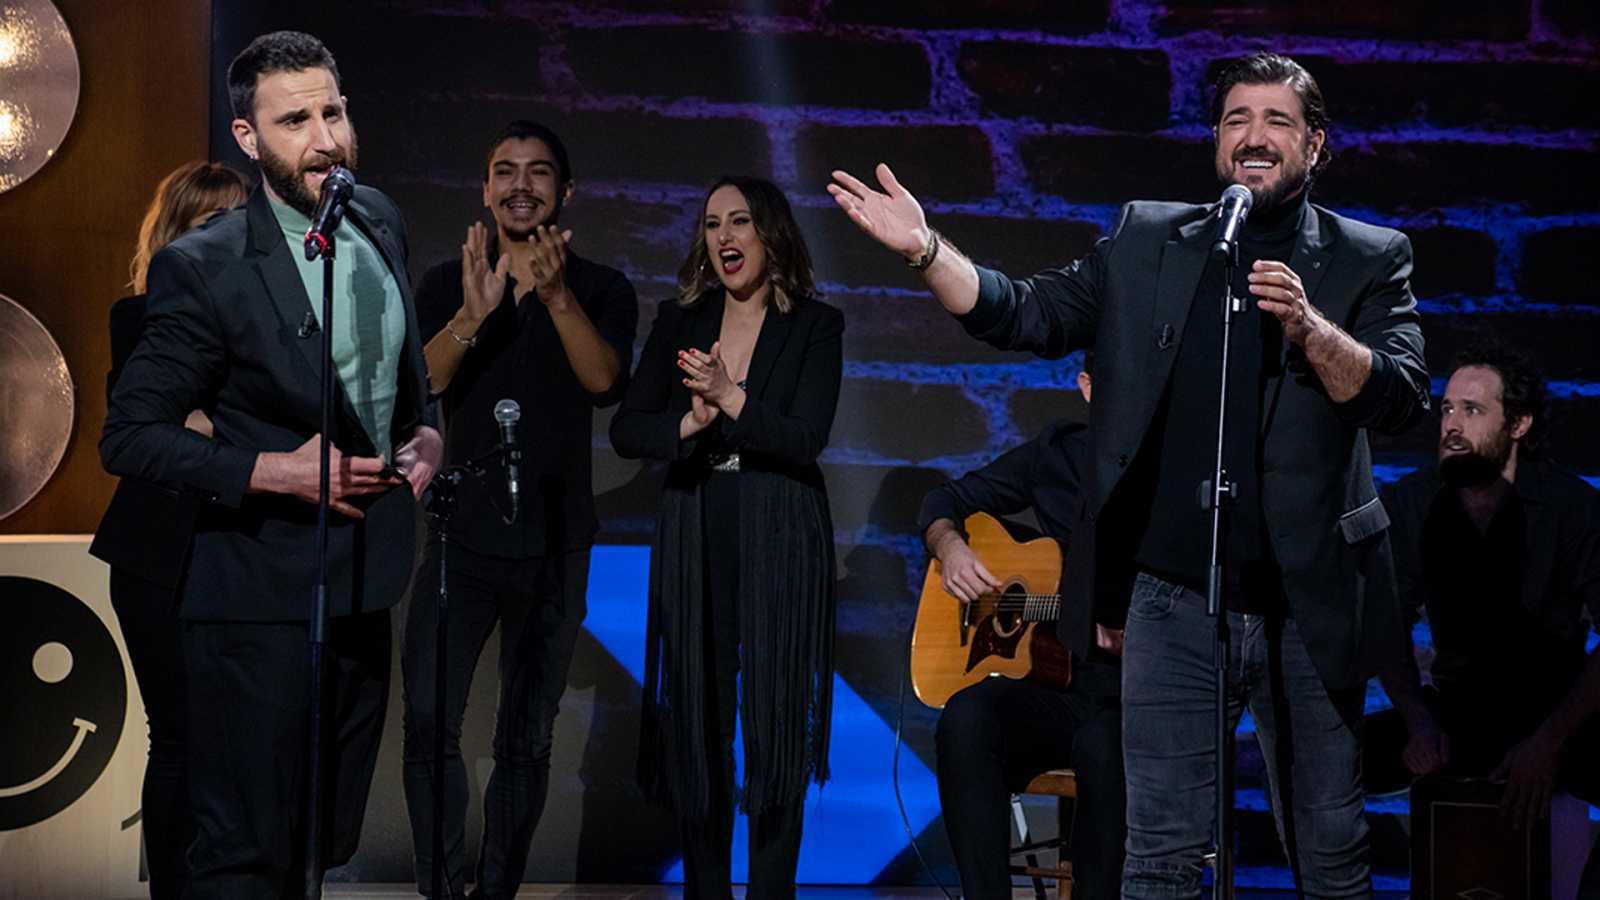 La noche D - El reto de canciones de Antonio Orozco y Dani Rovira